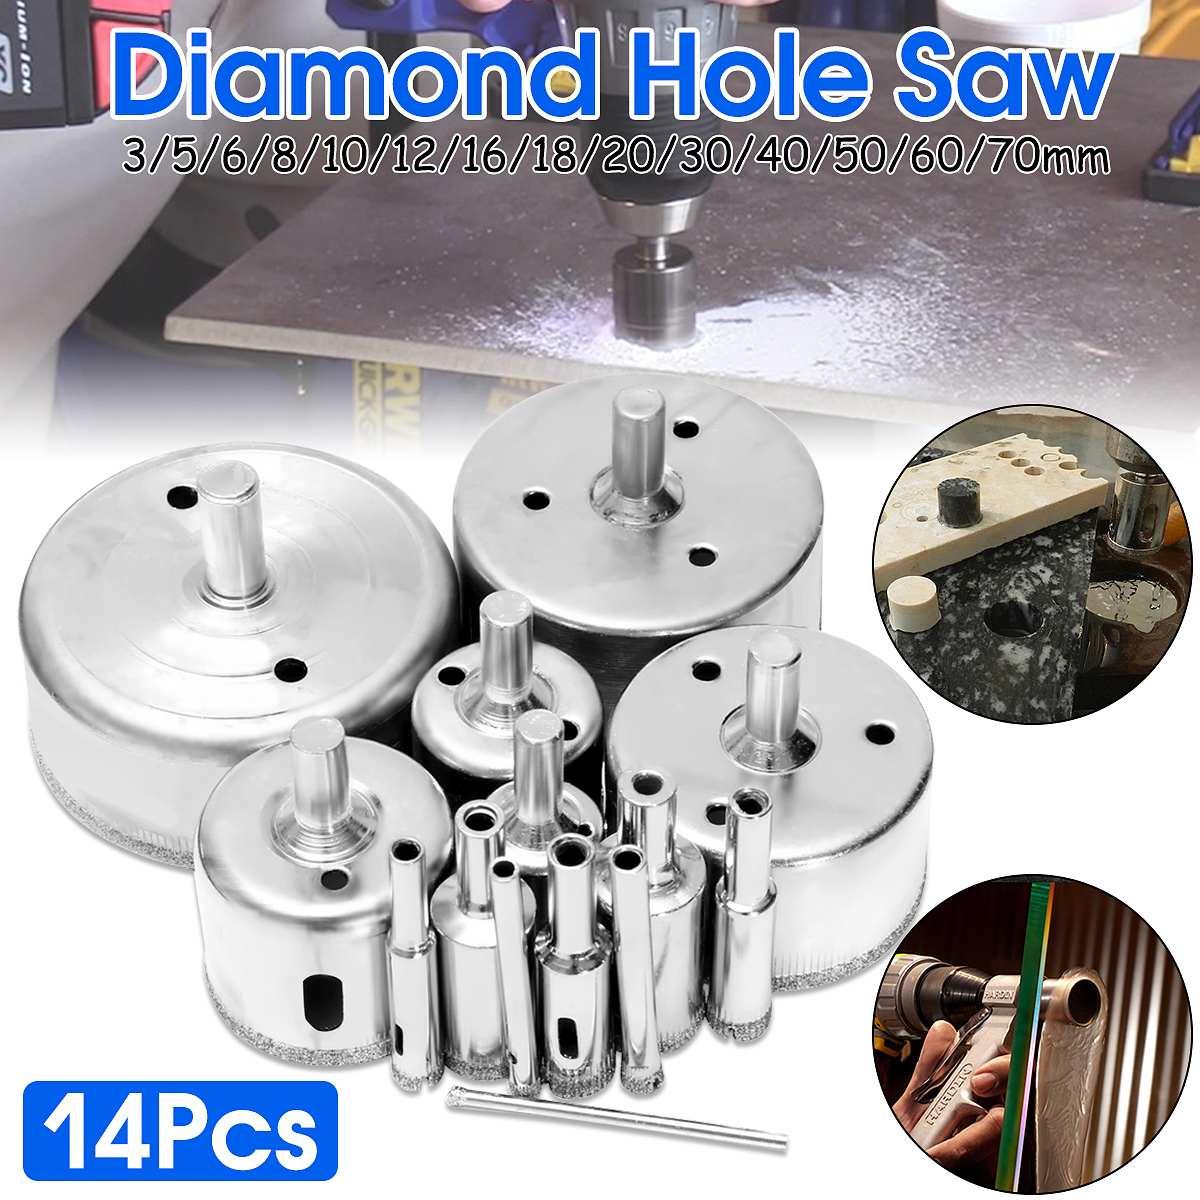 14 pçs/set 3-70mm diamante buraco viu broca ferramenta para cerâmica porcelana vidro mármore brocas